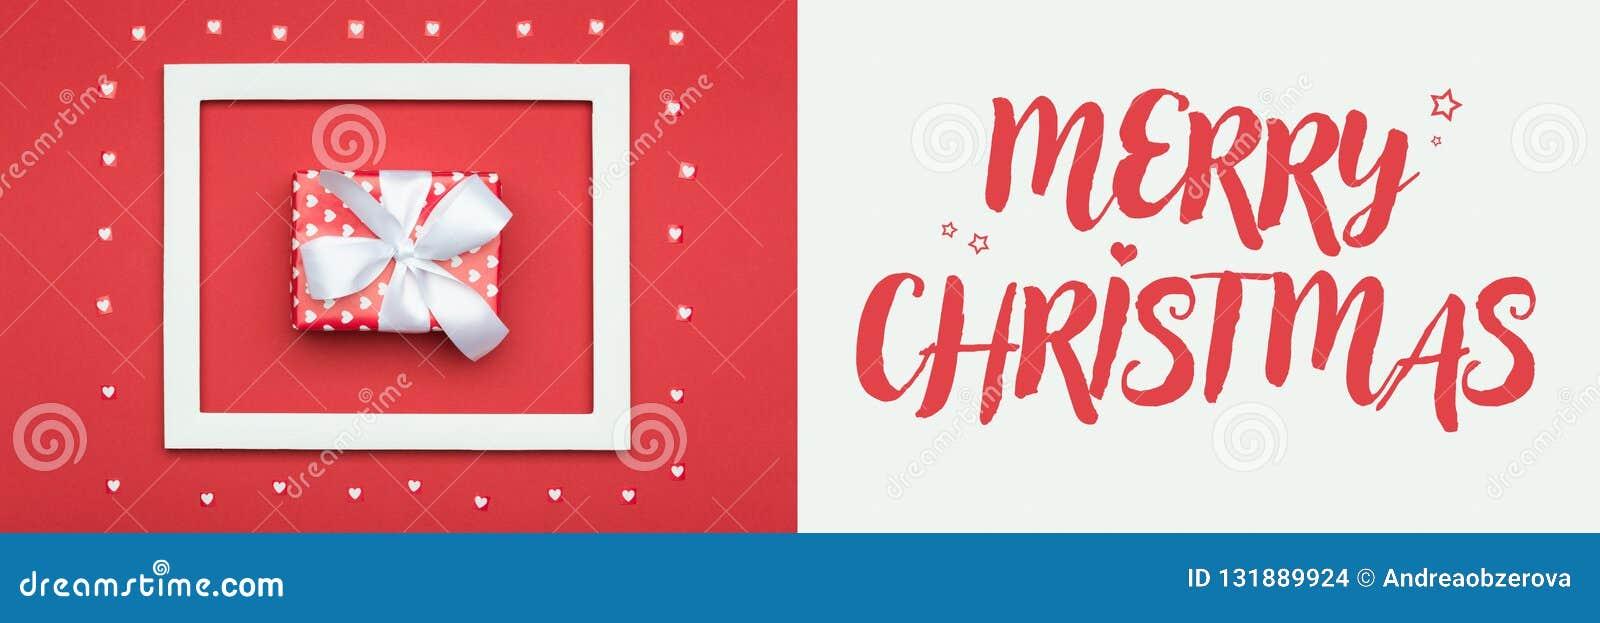 διάνυσμα απεικόνισης Χριστουγέννων eps10 εμβλημάτων Κόκκινο και άσπρο εορταστικό σκηνικό χειμερινών διακοπών Υπέροχα τυλιγμένο χρ